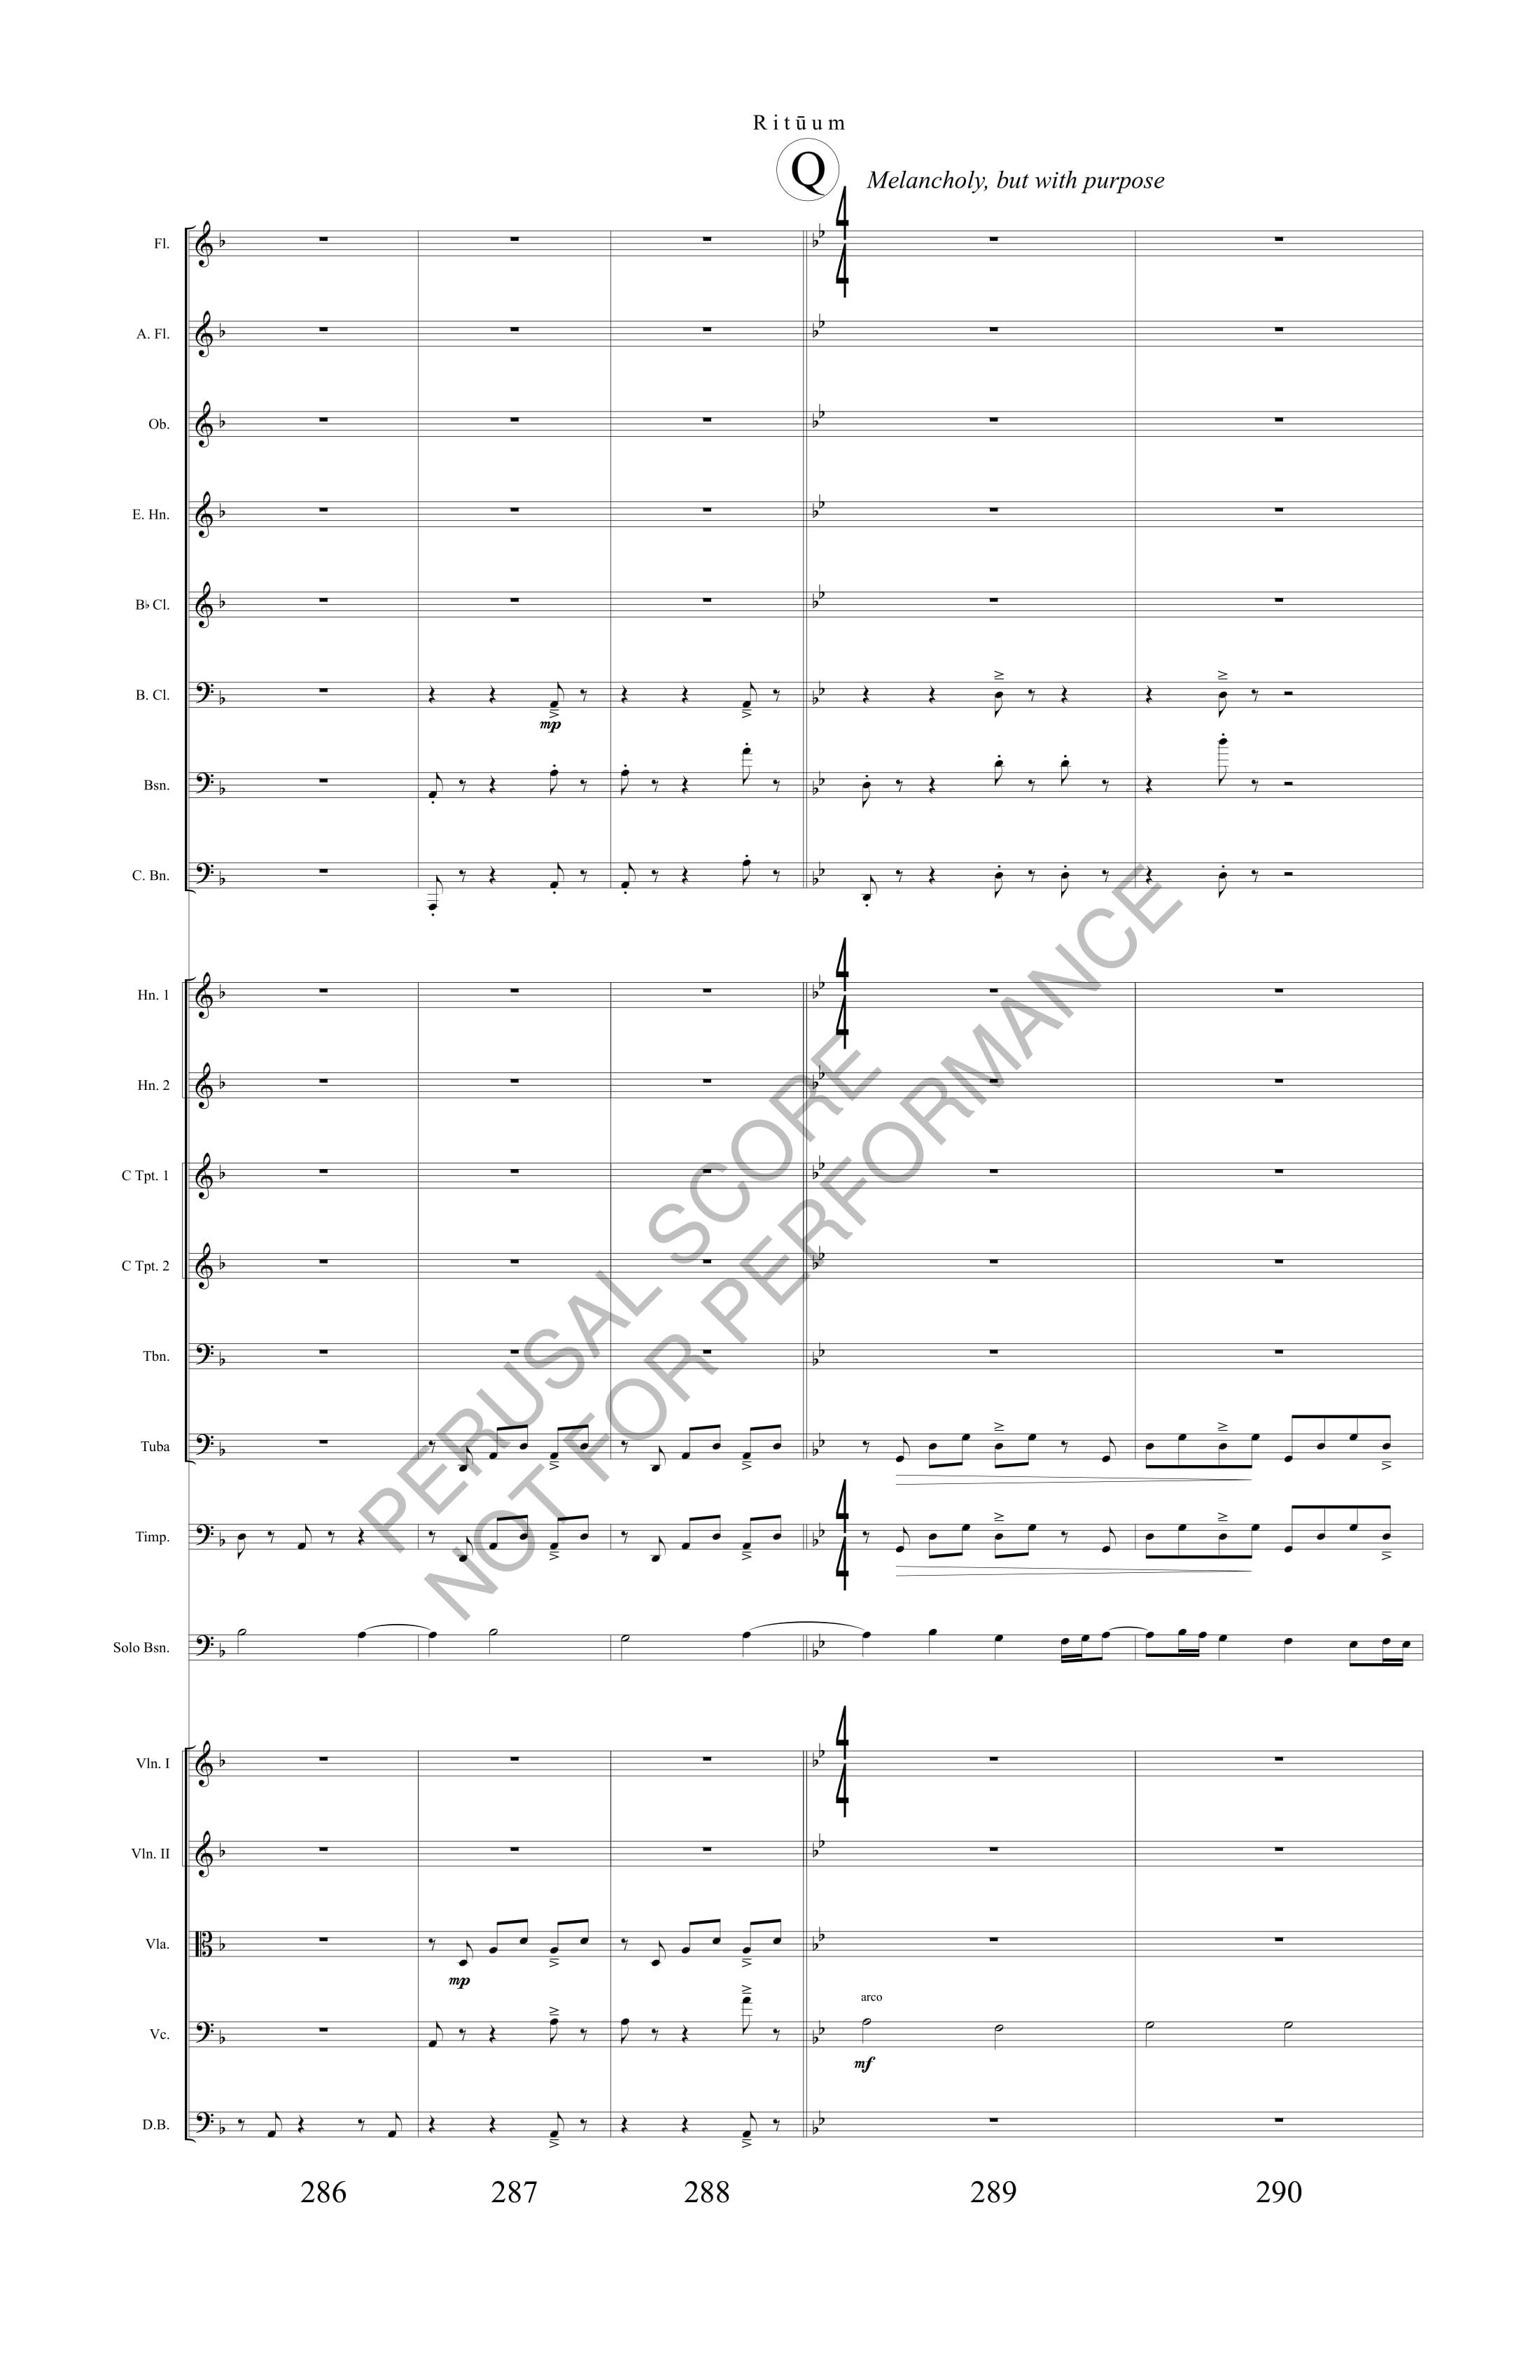 Boyd Rituum Score-watermark (1)-66.jpg